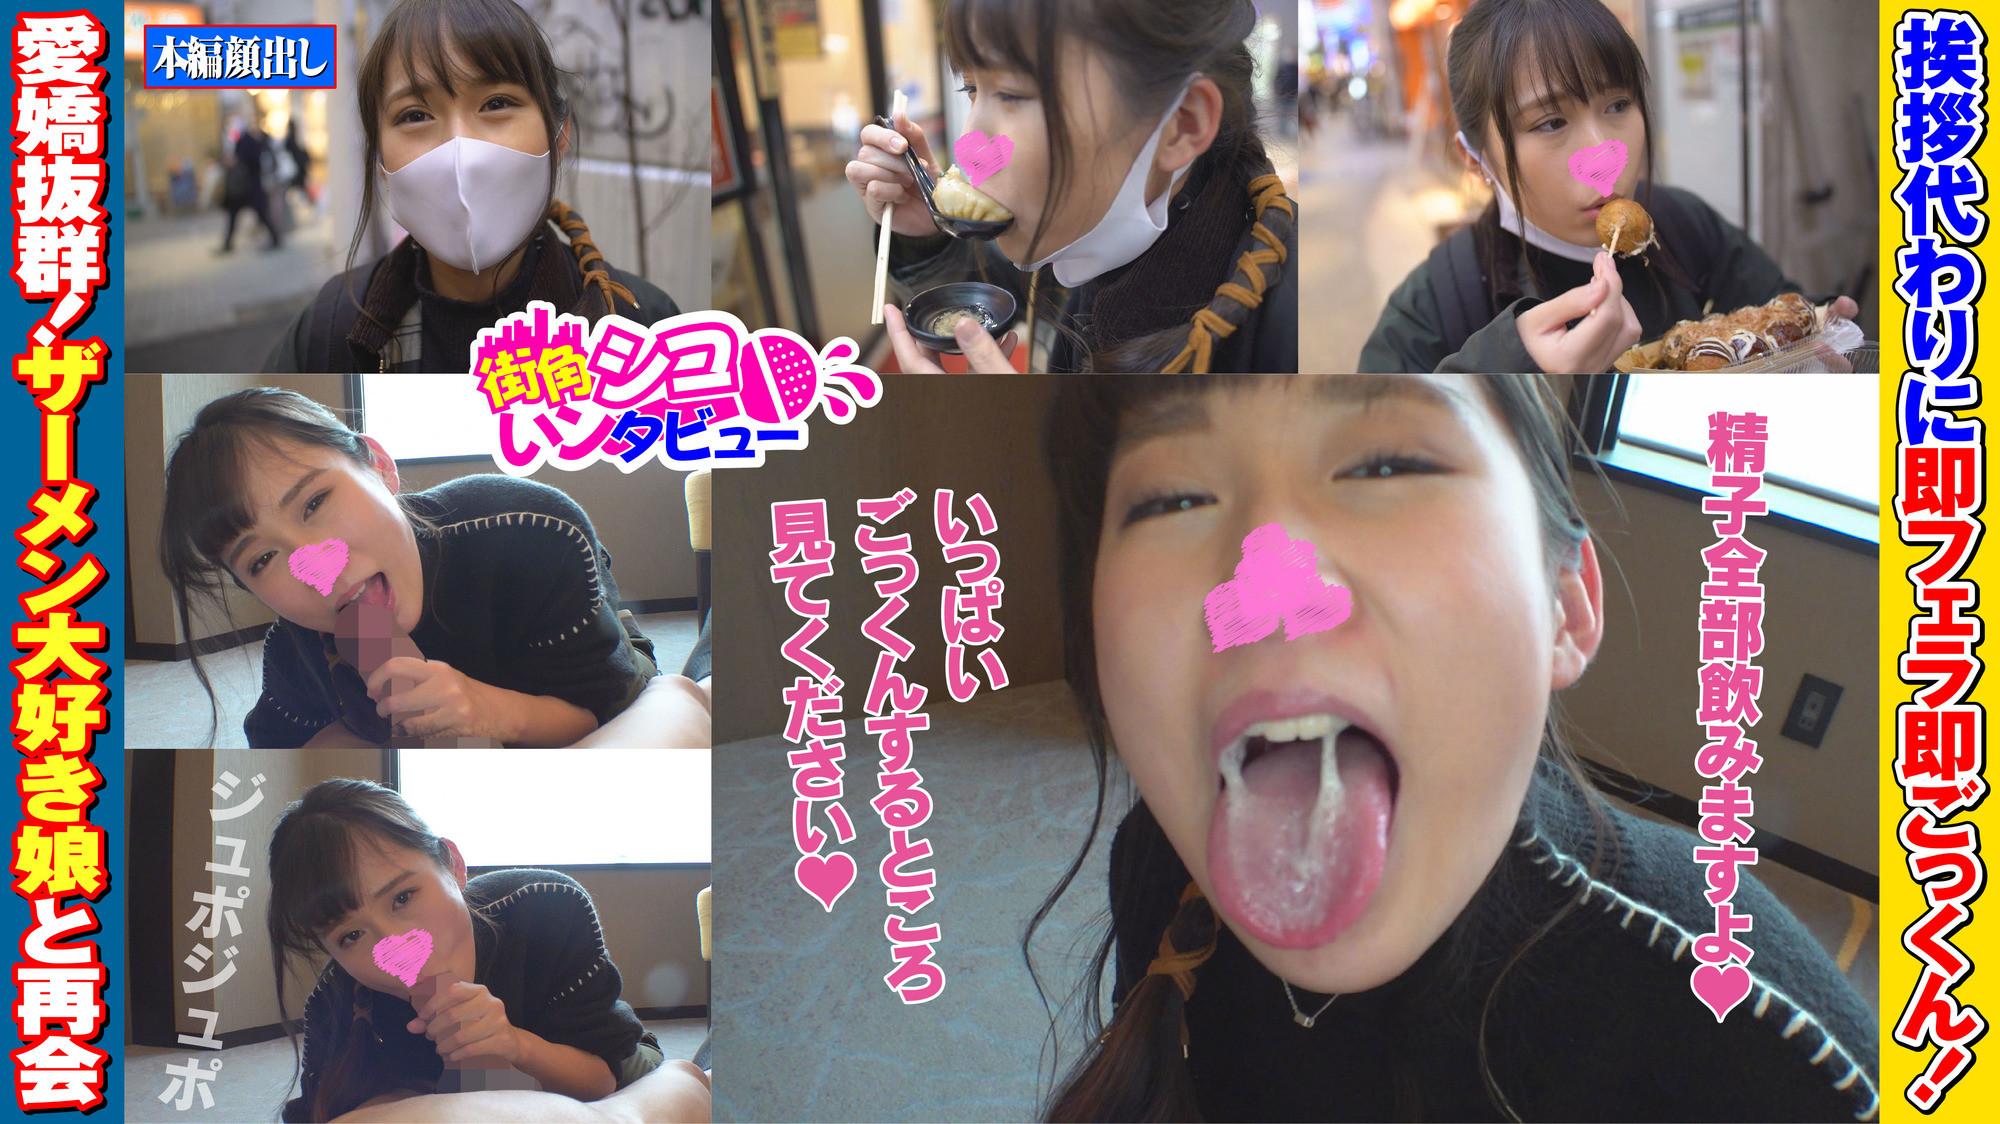 あつこちゃん 2(22) 画像1